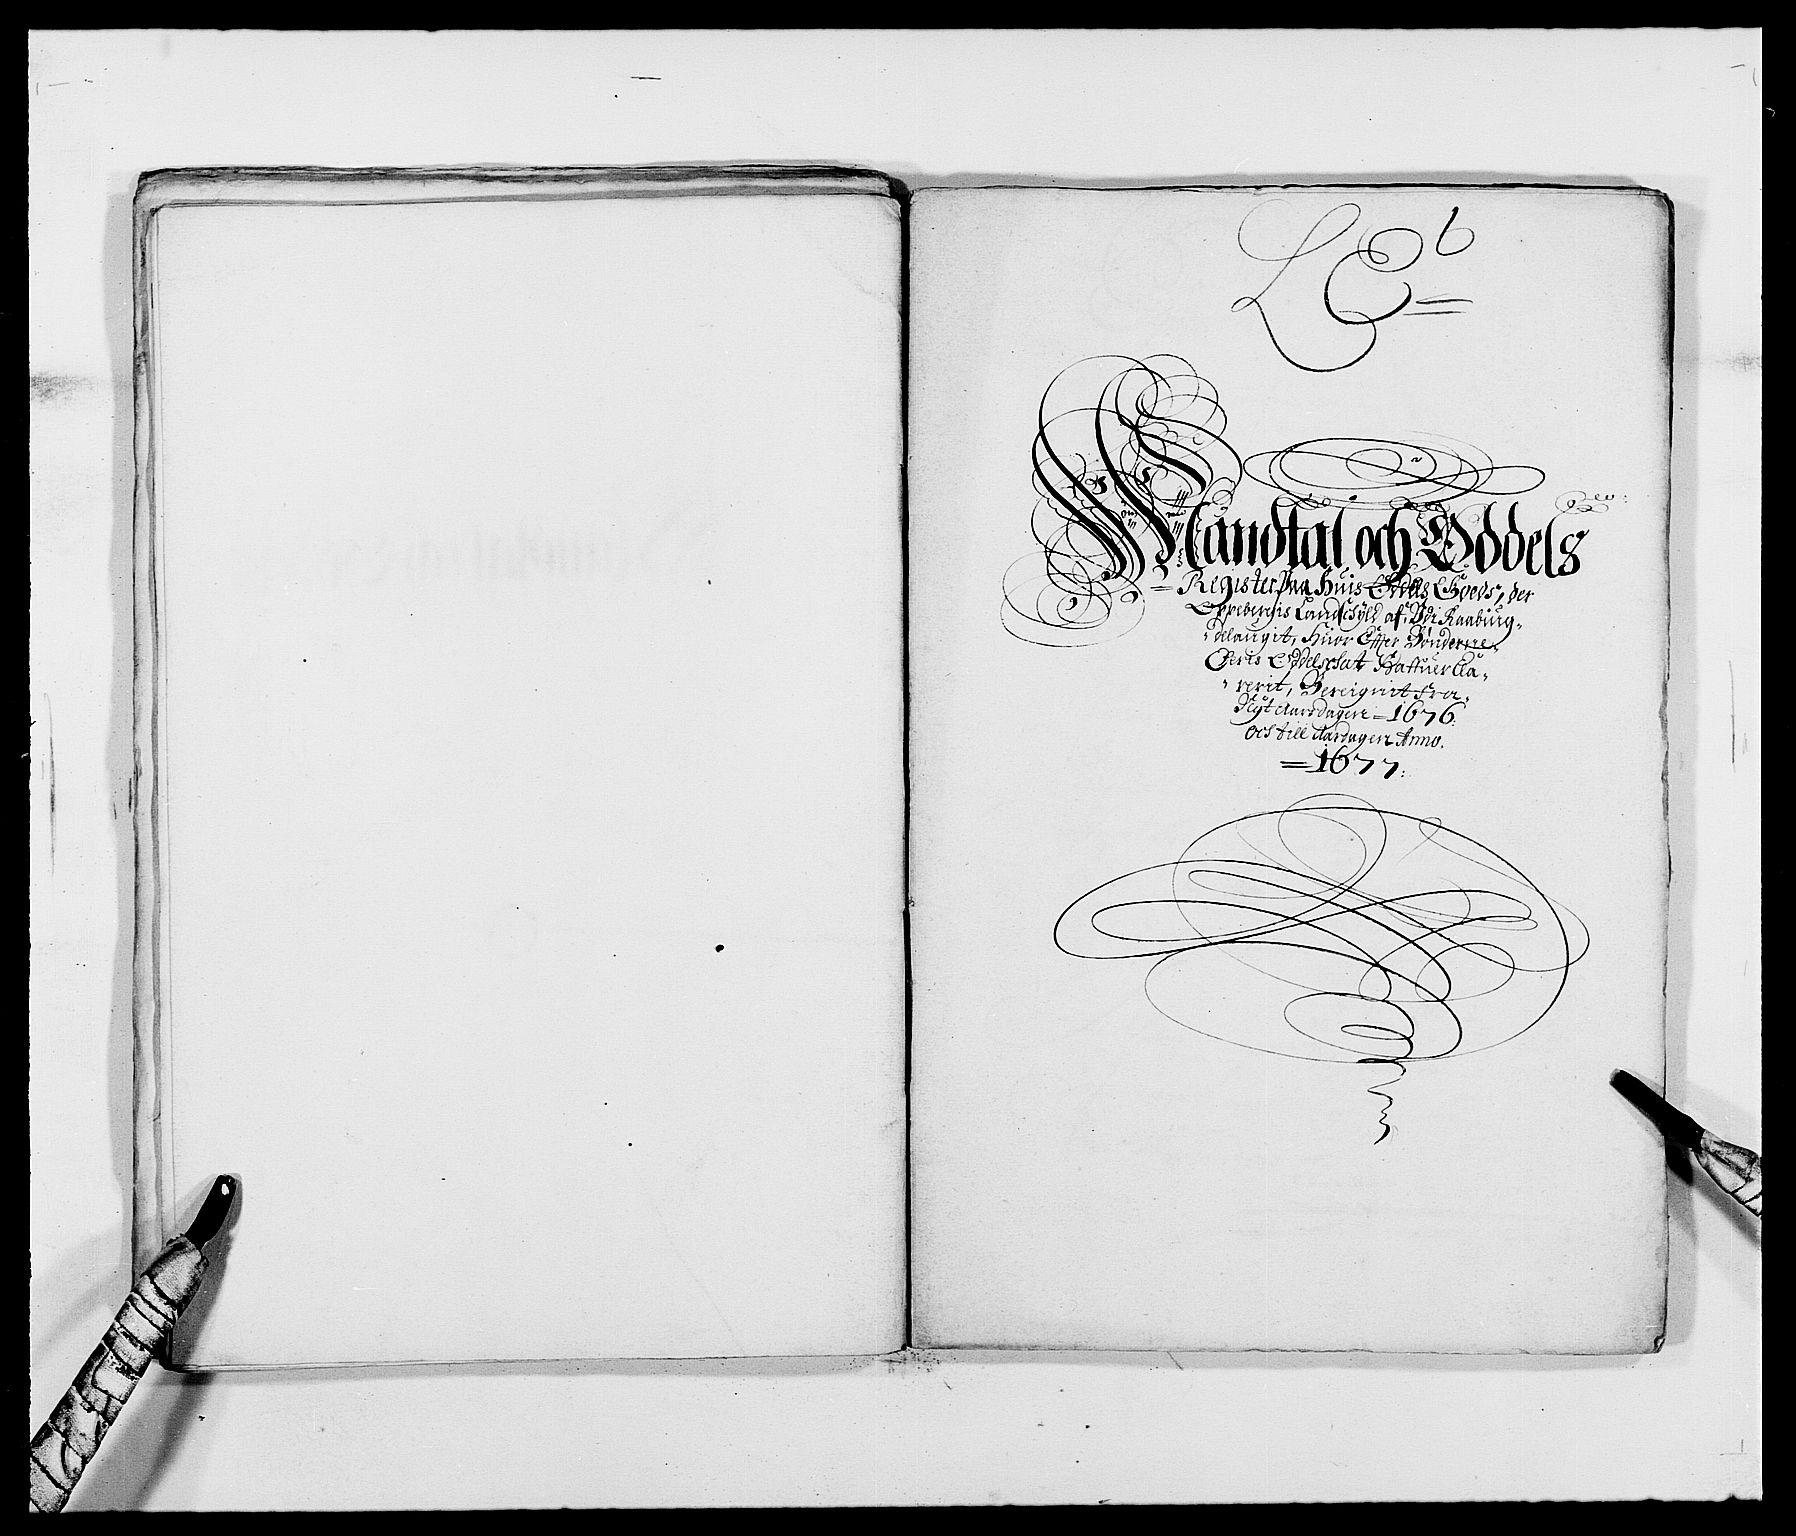 RA, Rentekammeret inntil 1814, Reviderte regnskaper, Fogderegnskap, R40/L2434: Fogderegnskap Råbyggelag, 1675-1676, s. 307